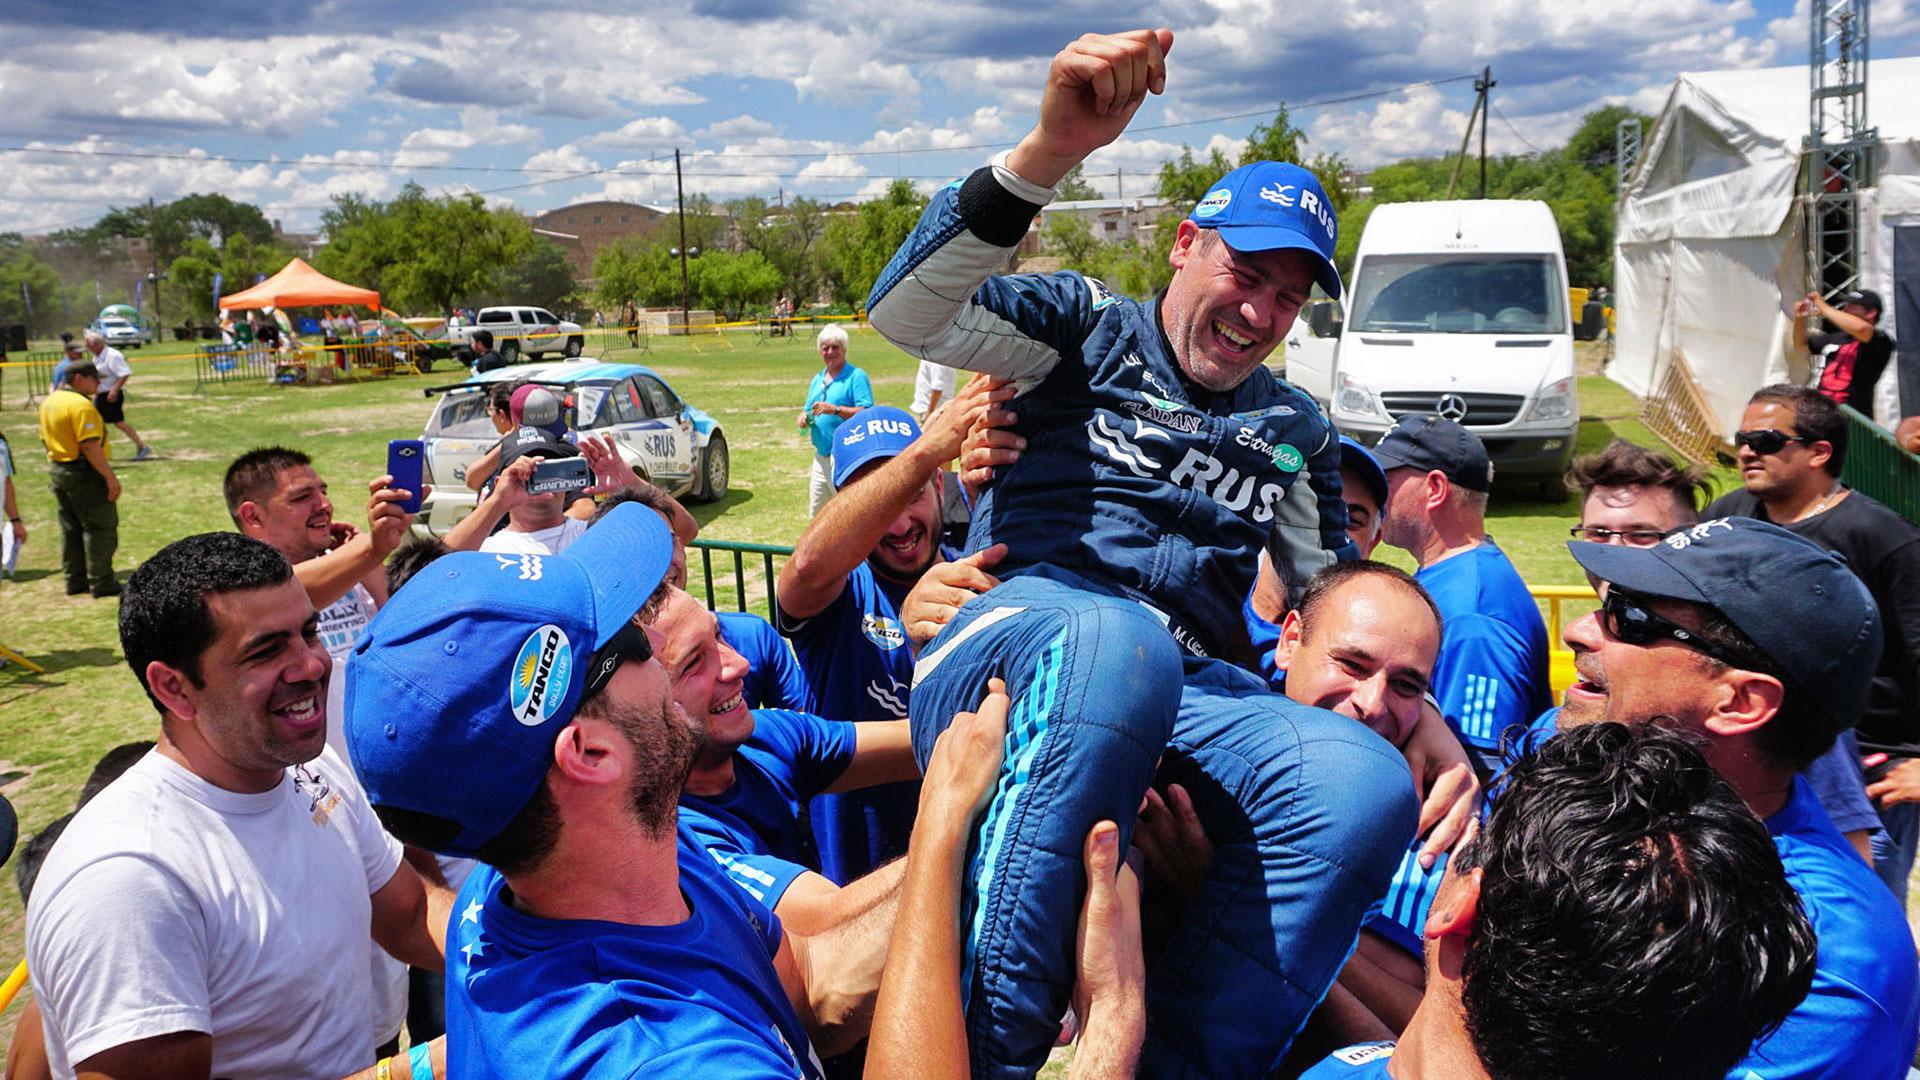 Todo el equipo festeja con Marcos Ligato, cuya carrera más importante la ganó fuera de pista. (Foto: Daniel Ramonell / Prensa Tango Rally Team)